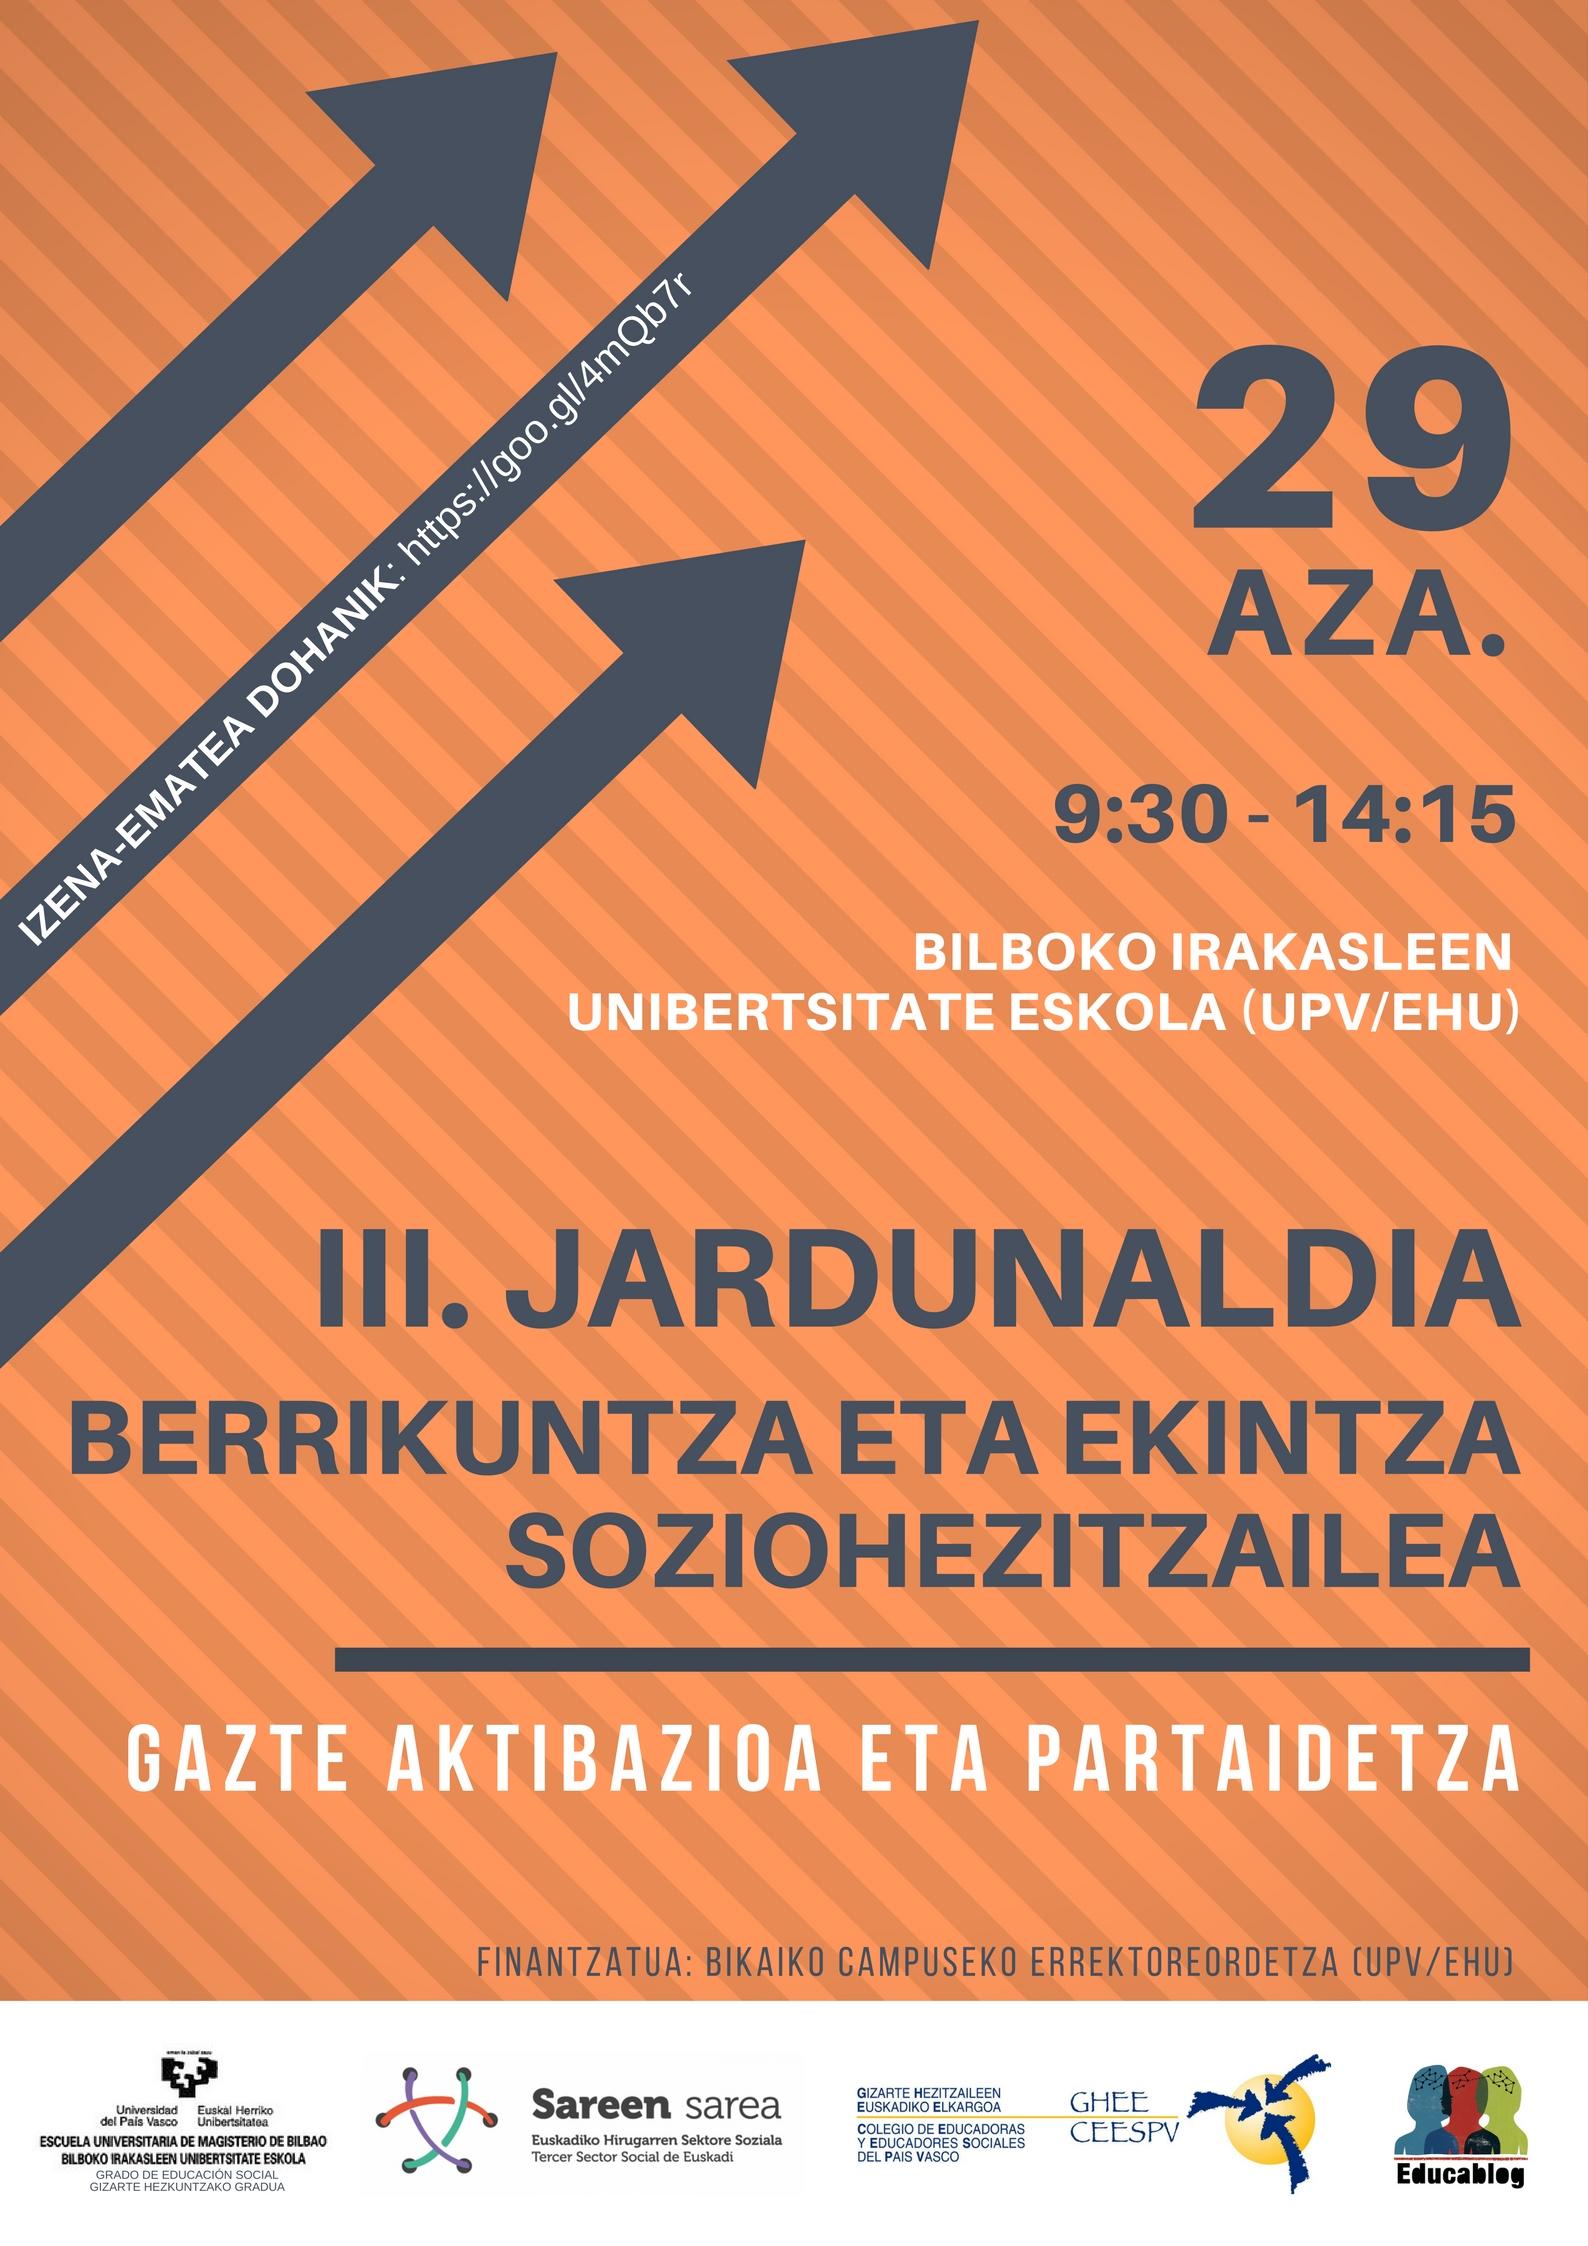 III_Jaurnaldia_berrikuntzaeta_ekintzasoziohezitzailea_eusk.__Azaroak29_.jpg